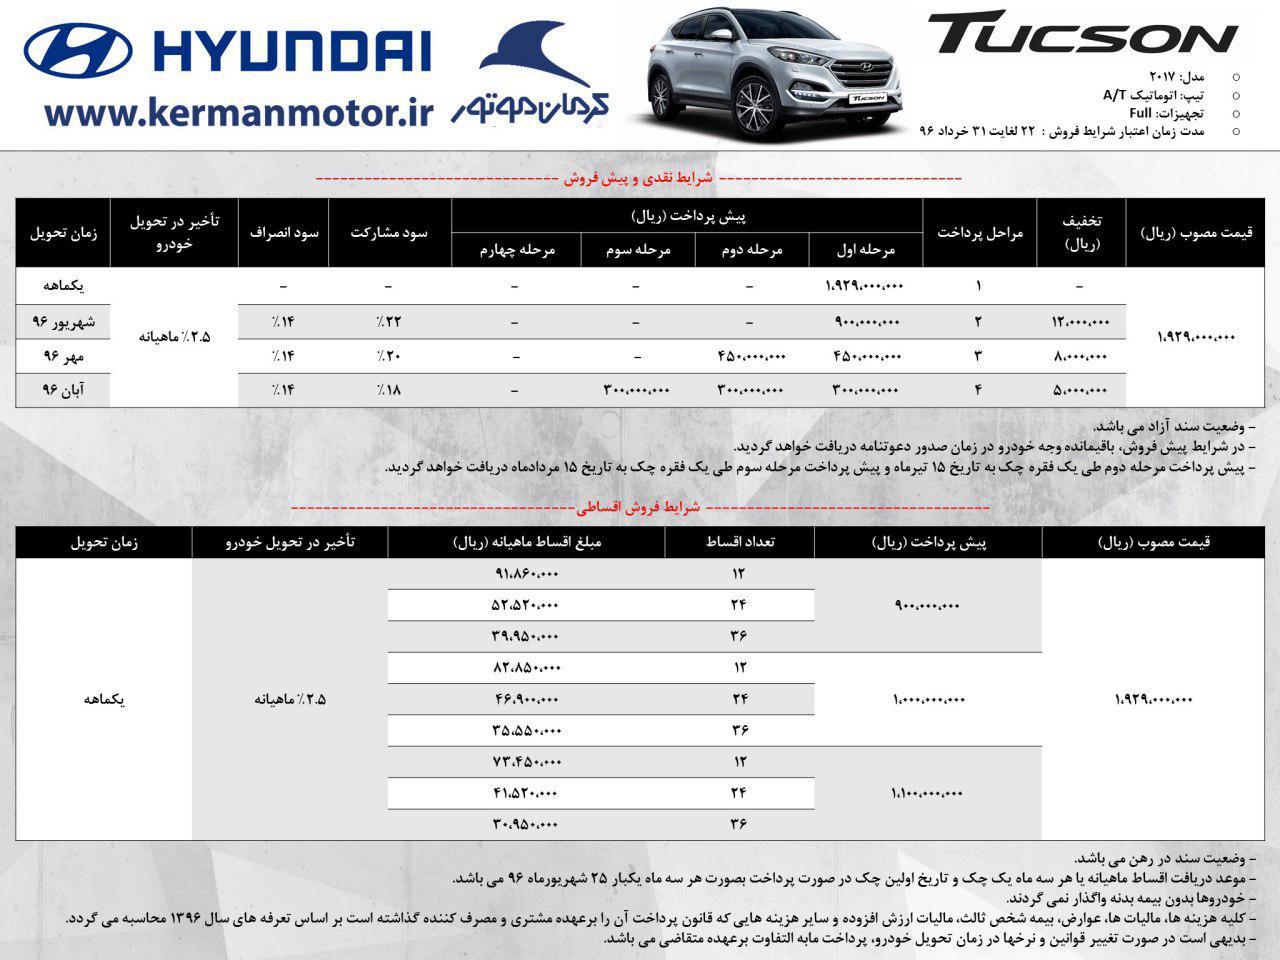 قیمت موتور کامل توسان